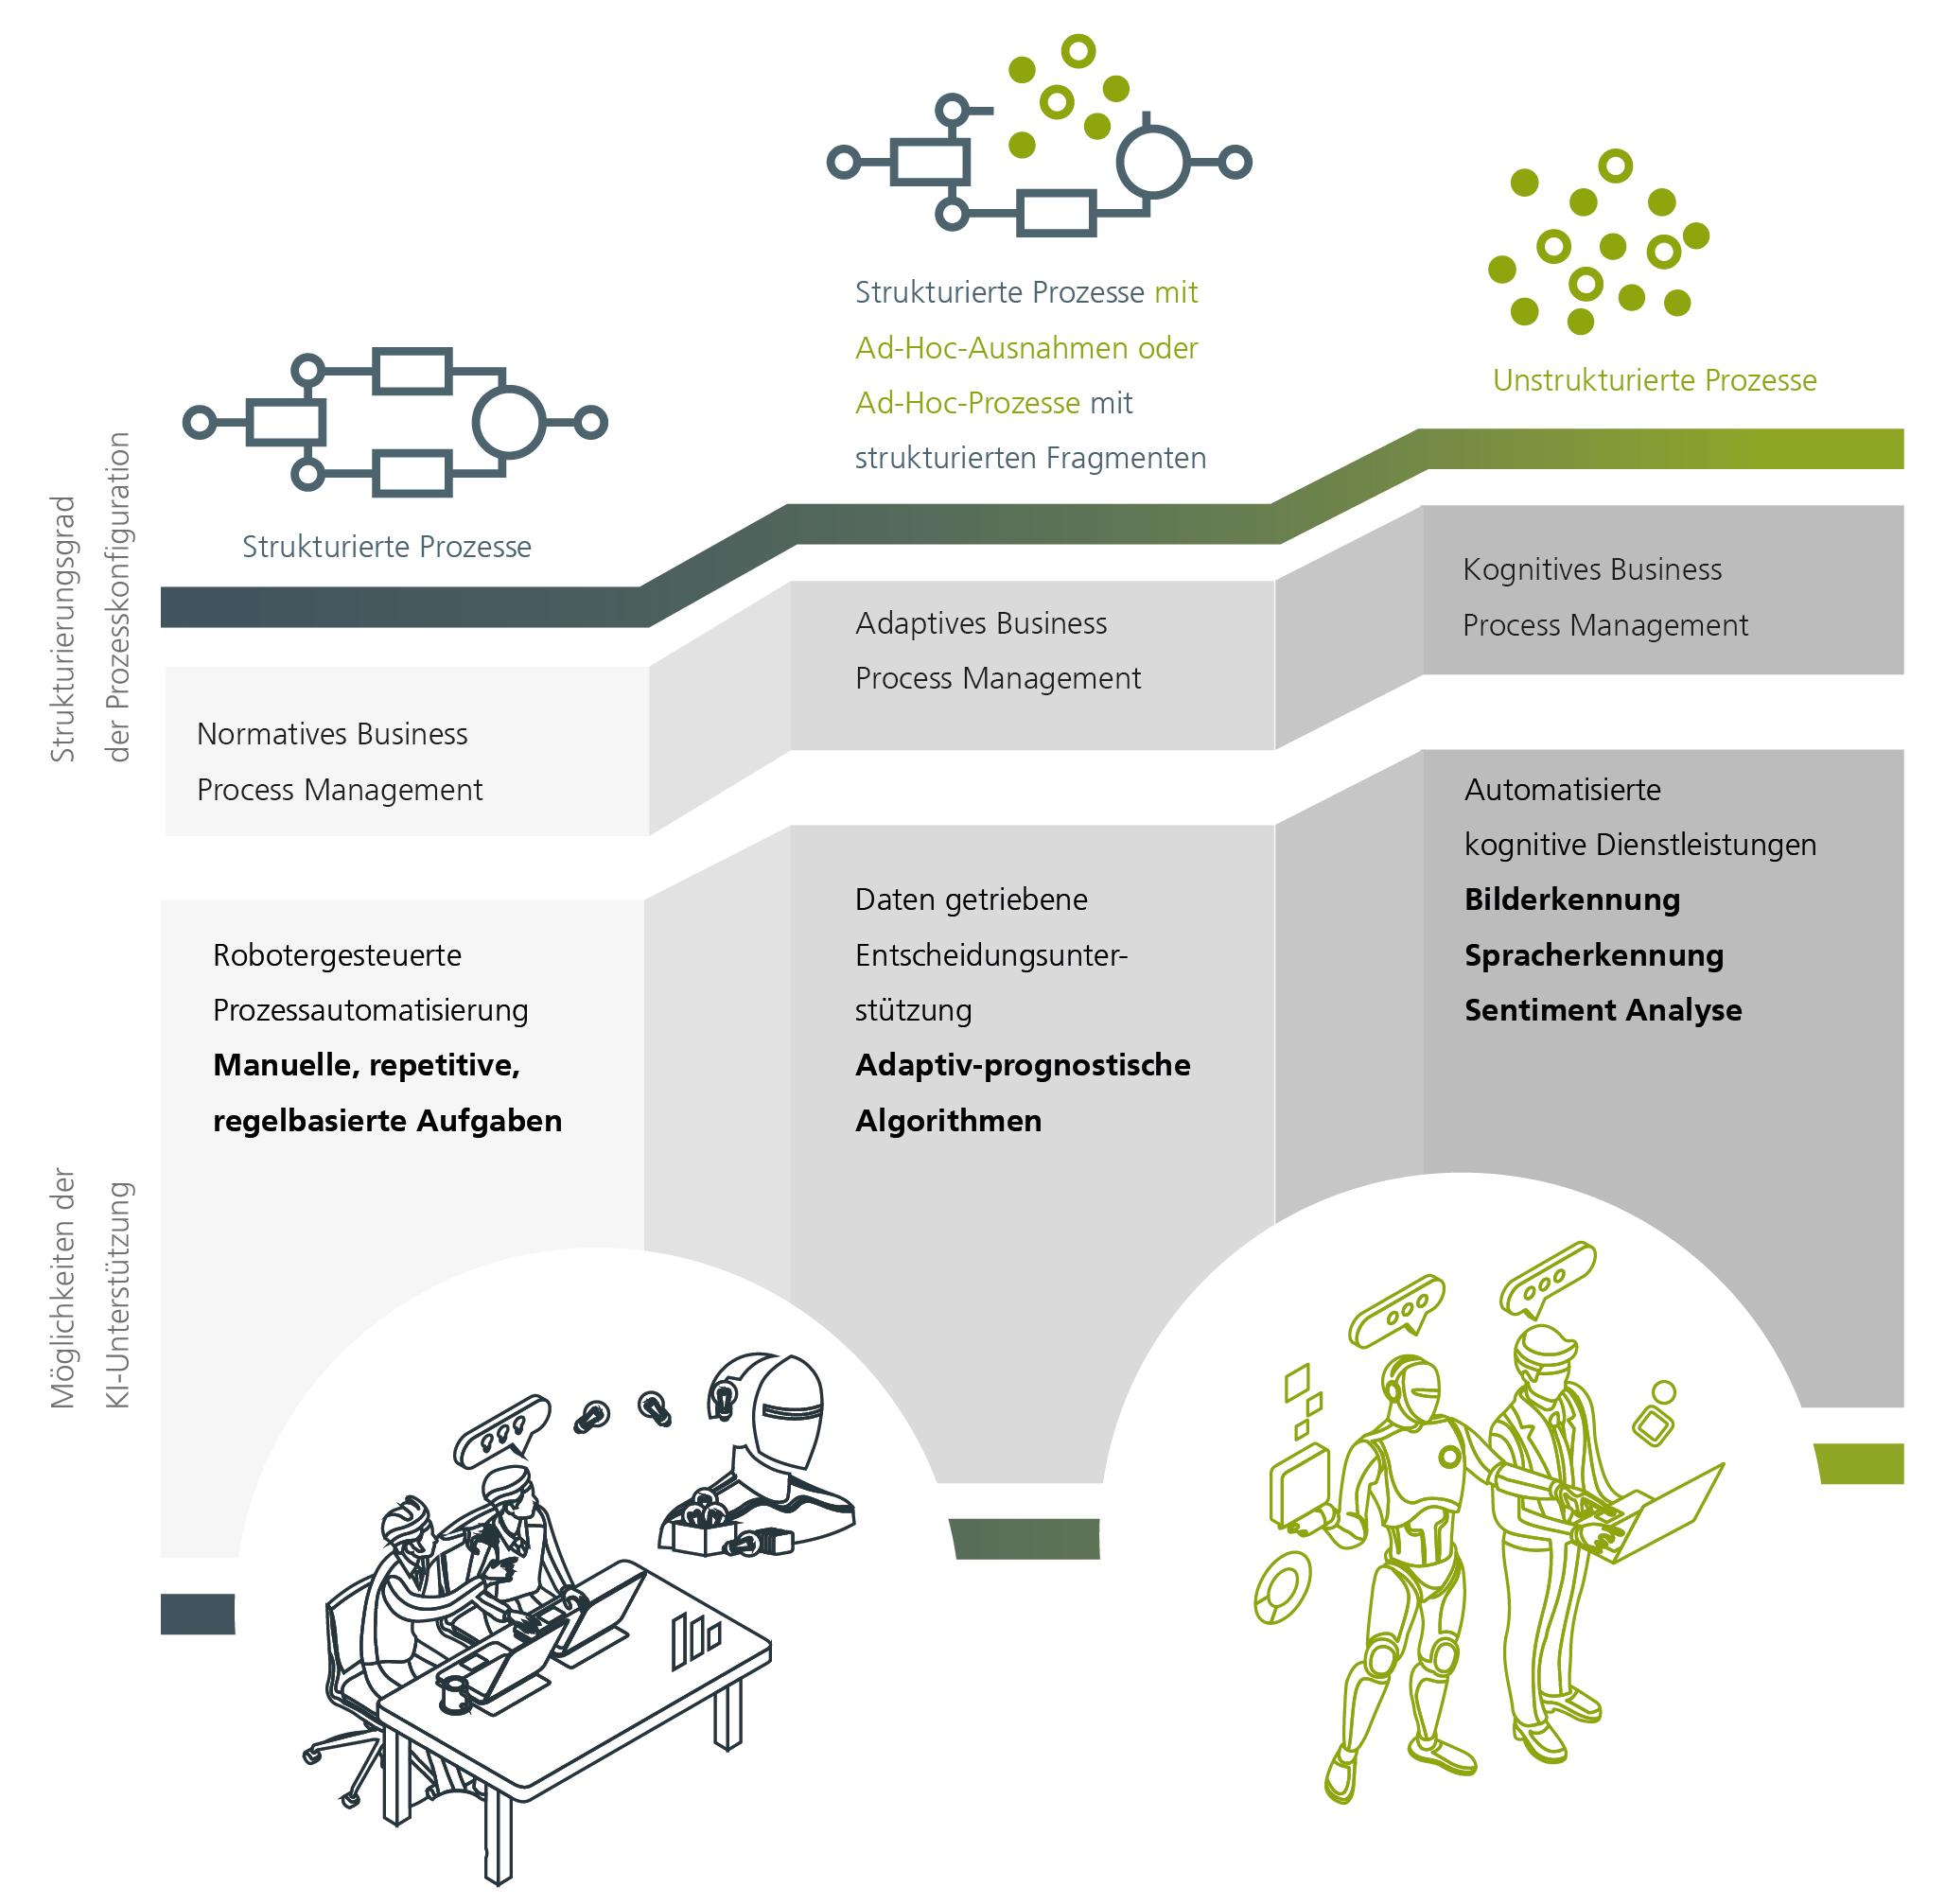 Abbildung 1: Der Prozess macht den Unterschied: Lösungen vom normativen bis zum kognitiven Business Process Management (eigene Darstellung).